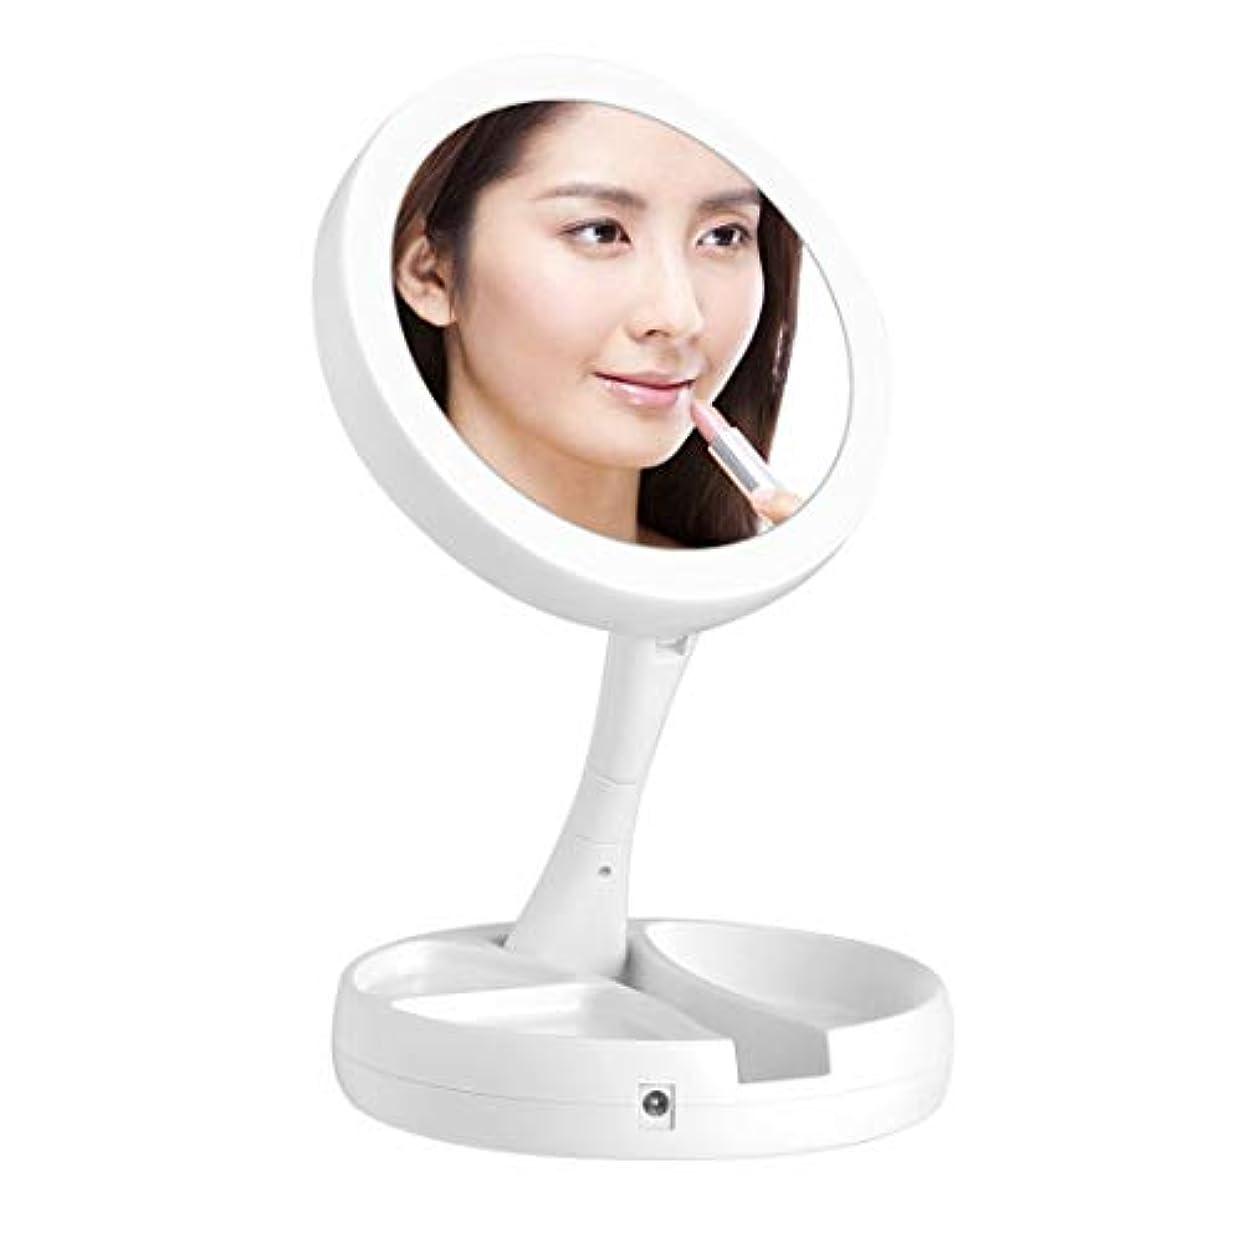 加速する比率土kamaa化粧鏡 化粧ミラー 女優ミラー LED両面鏡 鏡 10倍拡大鏡付き 折り畳み式 卓上 テーブルランプUSB/電池給電 180°回転